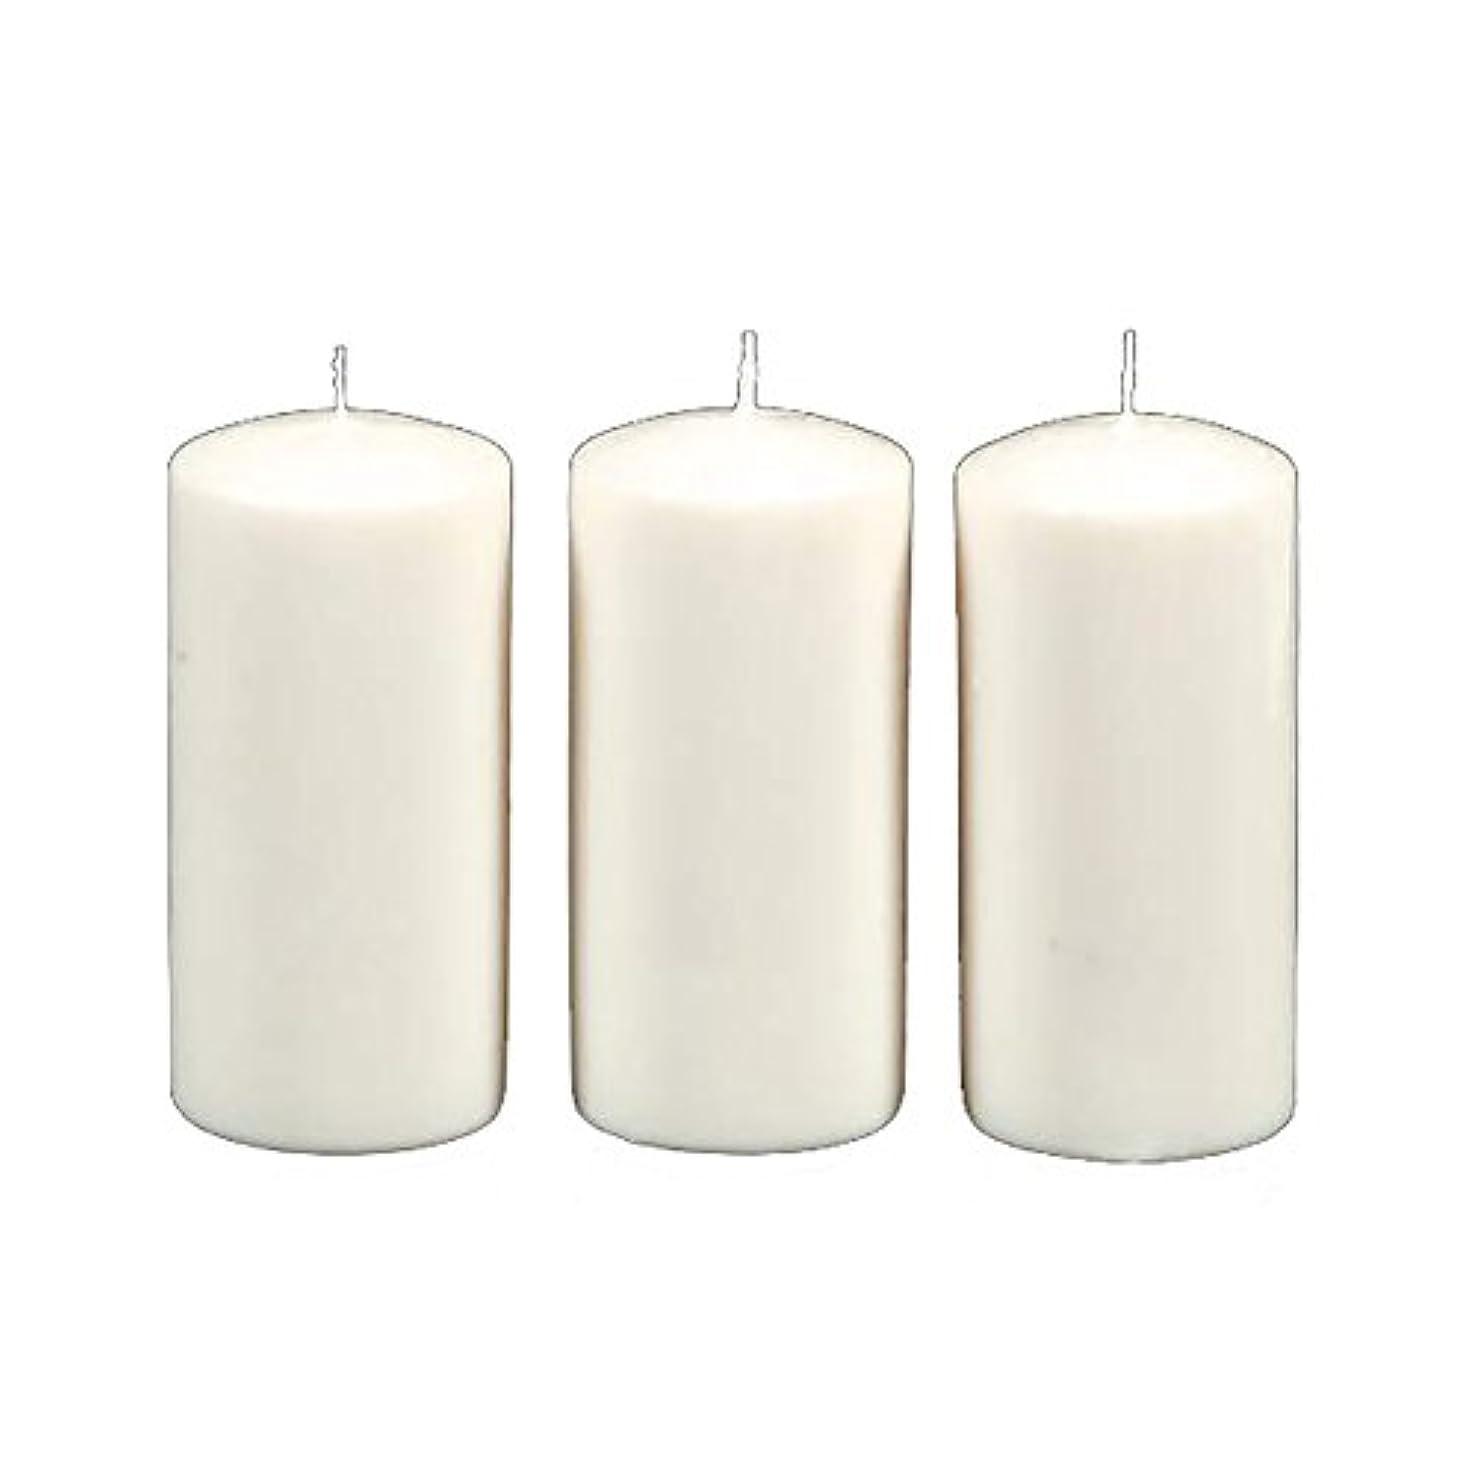 情熱誕生倉庫Darice 3-Piece Unscented Pillar Candles, 3 Inch by 6-Inch, White by Darice